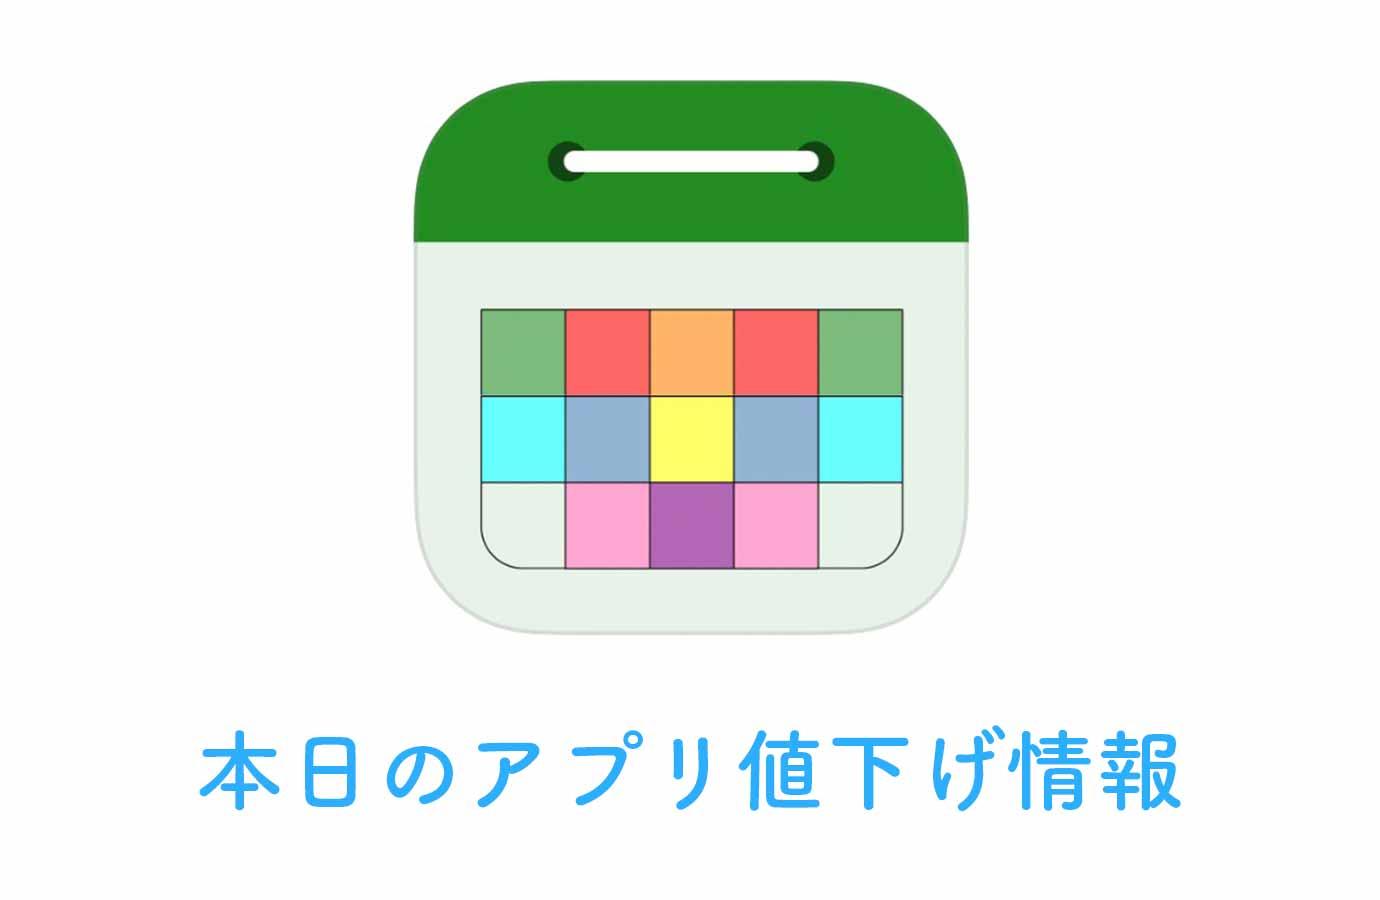 1,200円→無料!表示形式をカスタマイズできるカレンダー「Super Calendar」など【7/28版】アプリ値下げ情報